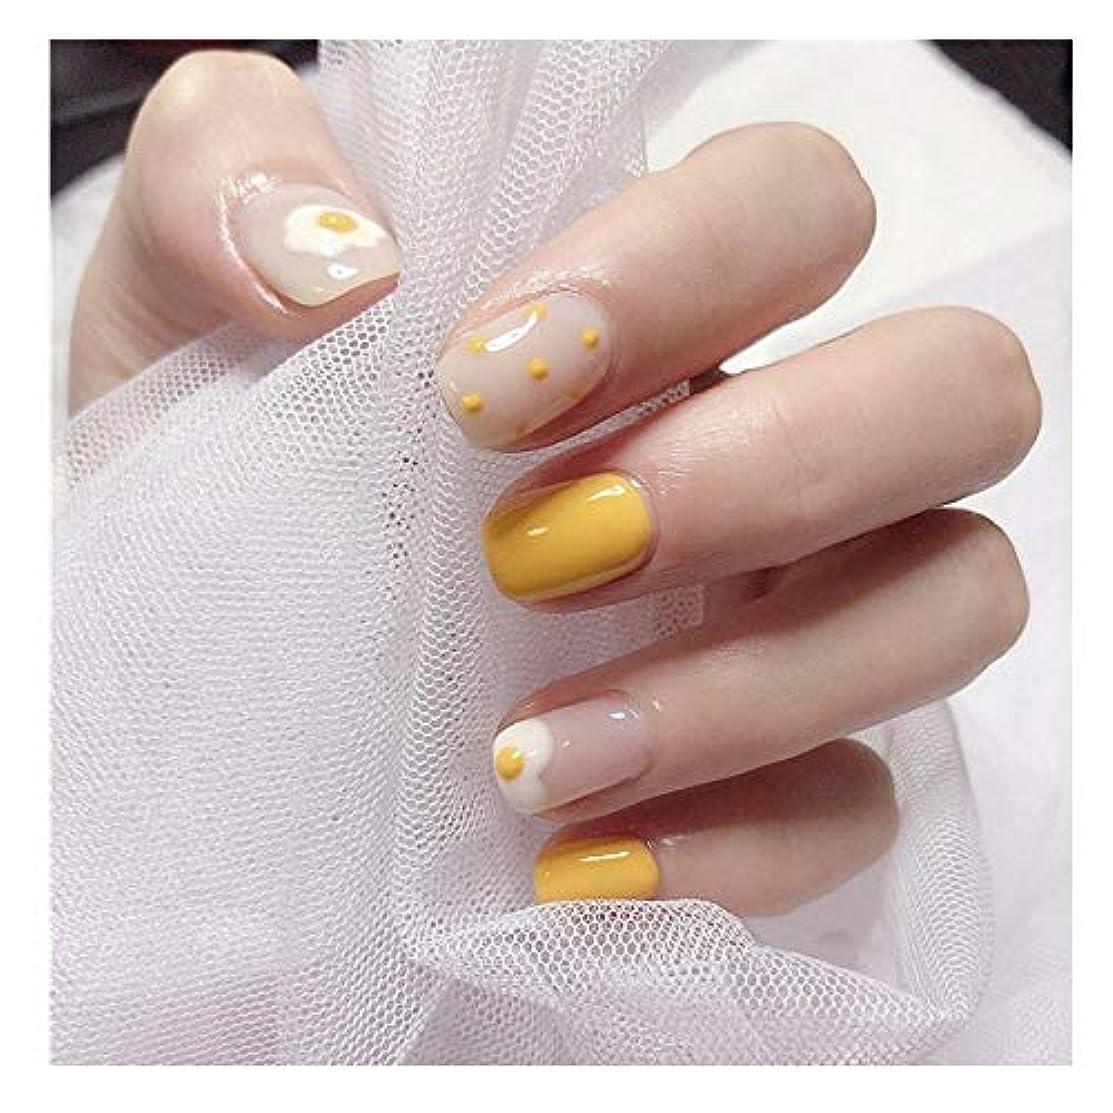 薄汚い署名技術者LVUITTON 黄色の卵偽の釘のショートスクエアネイルグルー完成ネイルアートフェイクネイルズ (色 : 24 pieces)